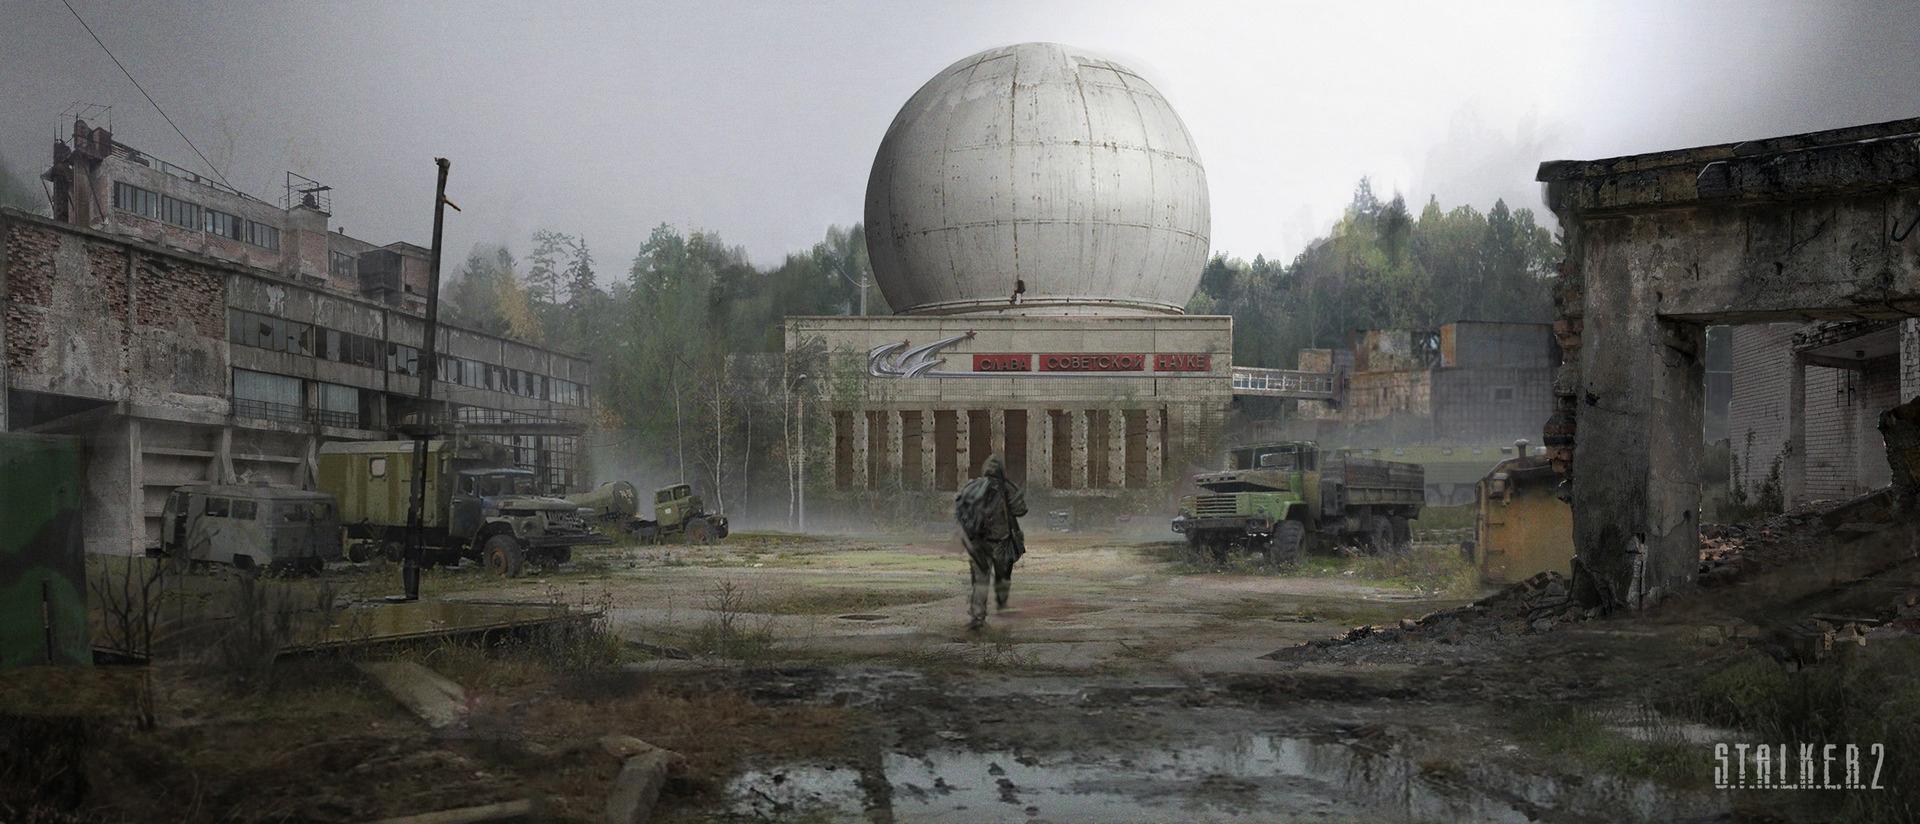 Геймплей S.T.A.L.K.E.R. 2 не покажут на ID@Xbox 26 марта — авторы игры уточнили, что стоит ждать на стриме